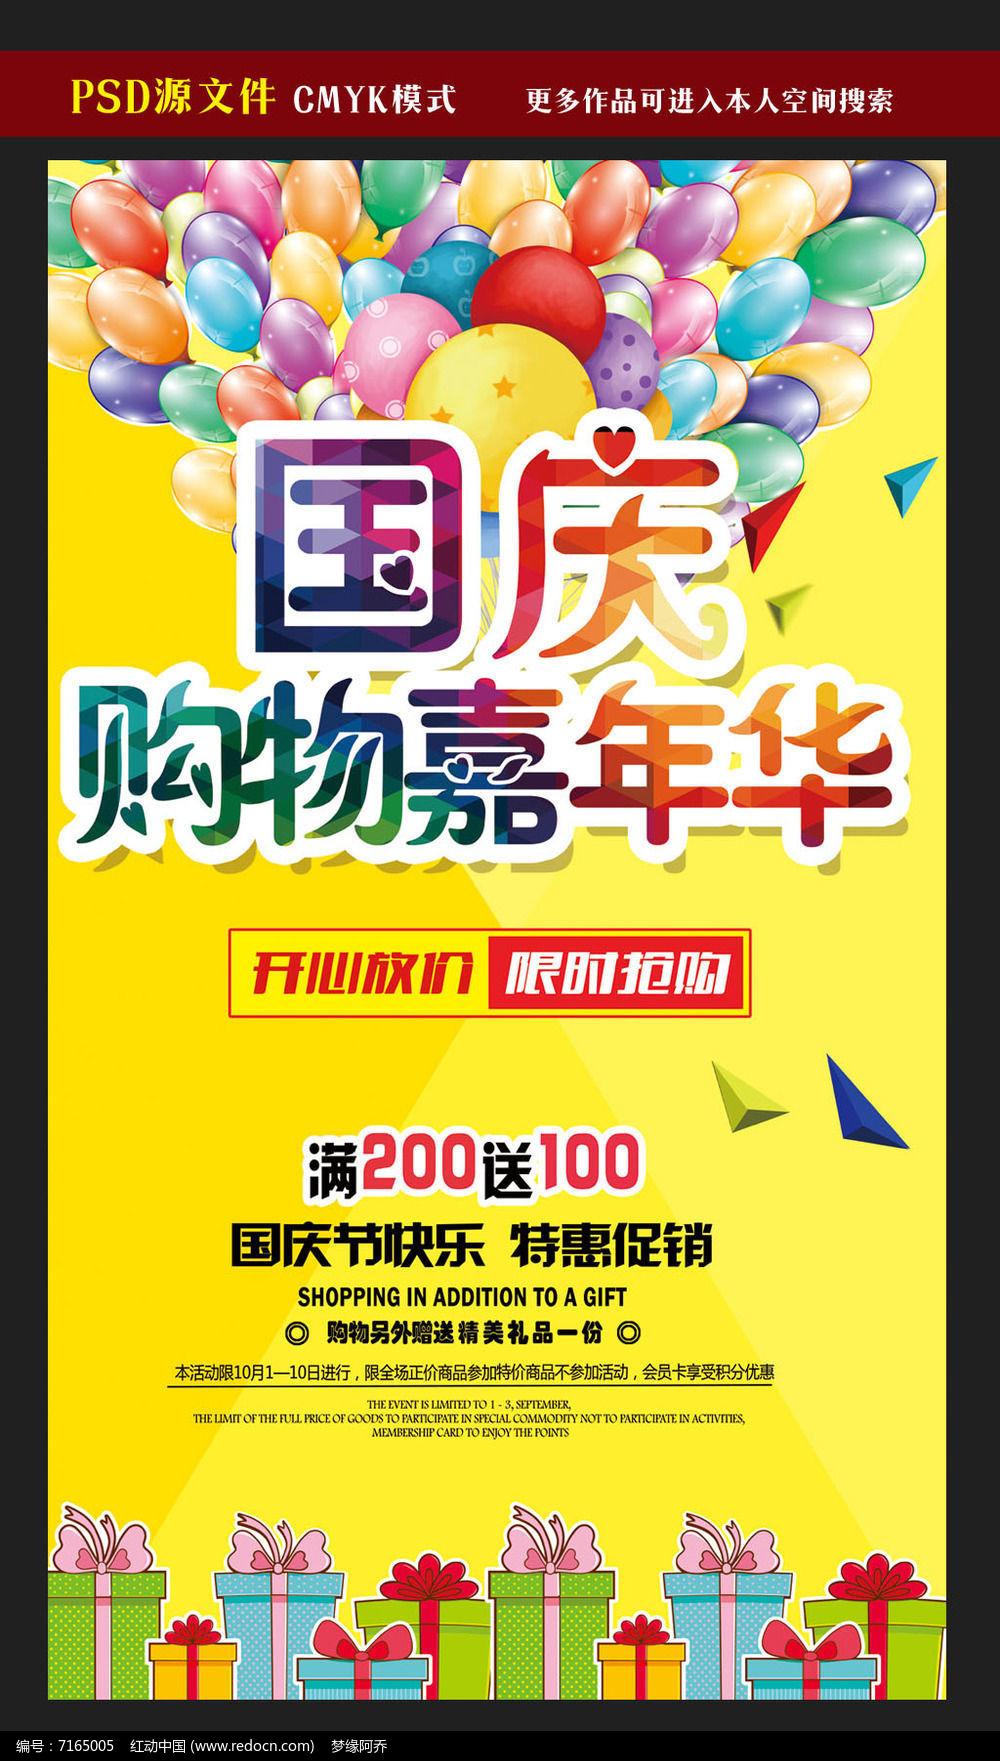 国庆购物嘉年华活动海报图片